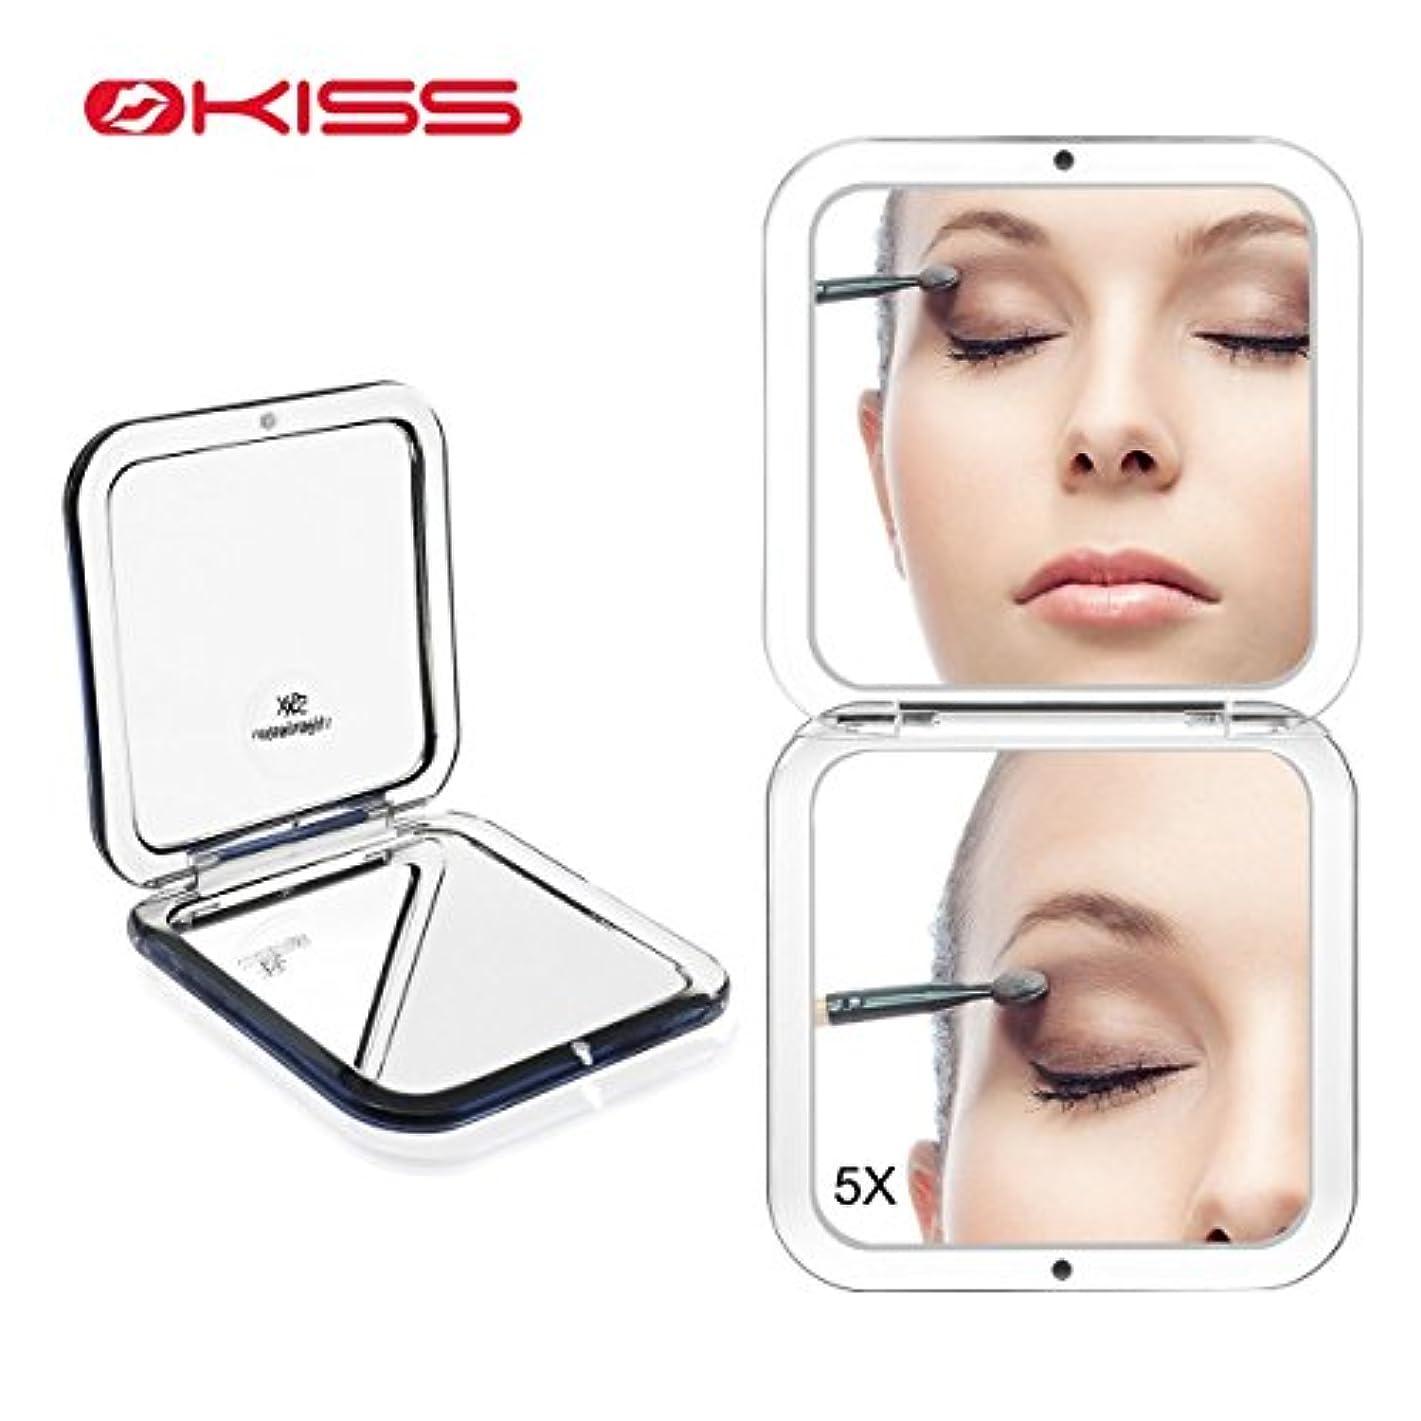 迫害する注目すべき必要ないOKISS ハンドミラー 手鏡 メンズ コンパクトミラー 化粧鏡 ミラー 5倍拡大鏡+等倍鏡 両面 メンズ 携帯ミラー 折りたたみ おしゃれ 外出 持ち運び便利